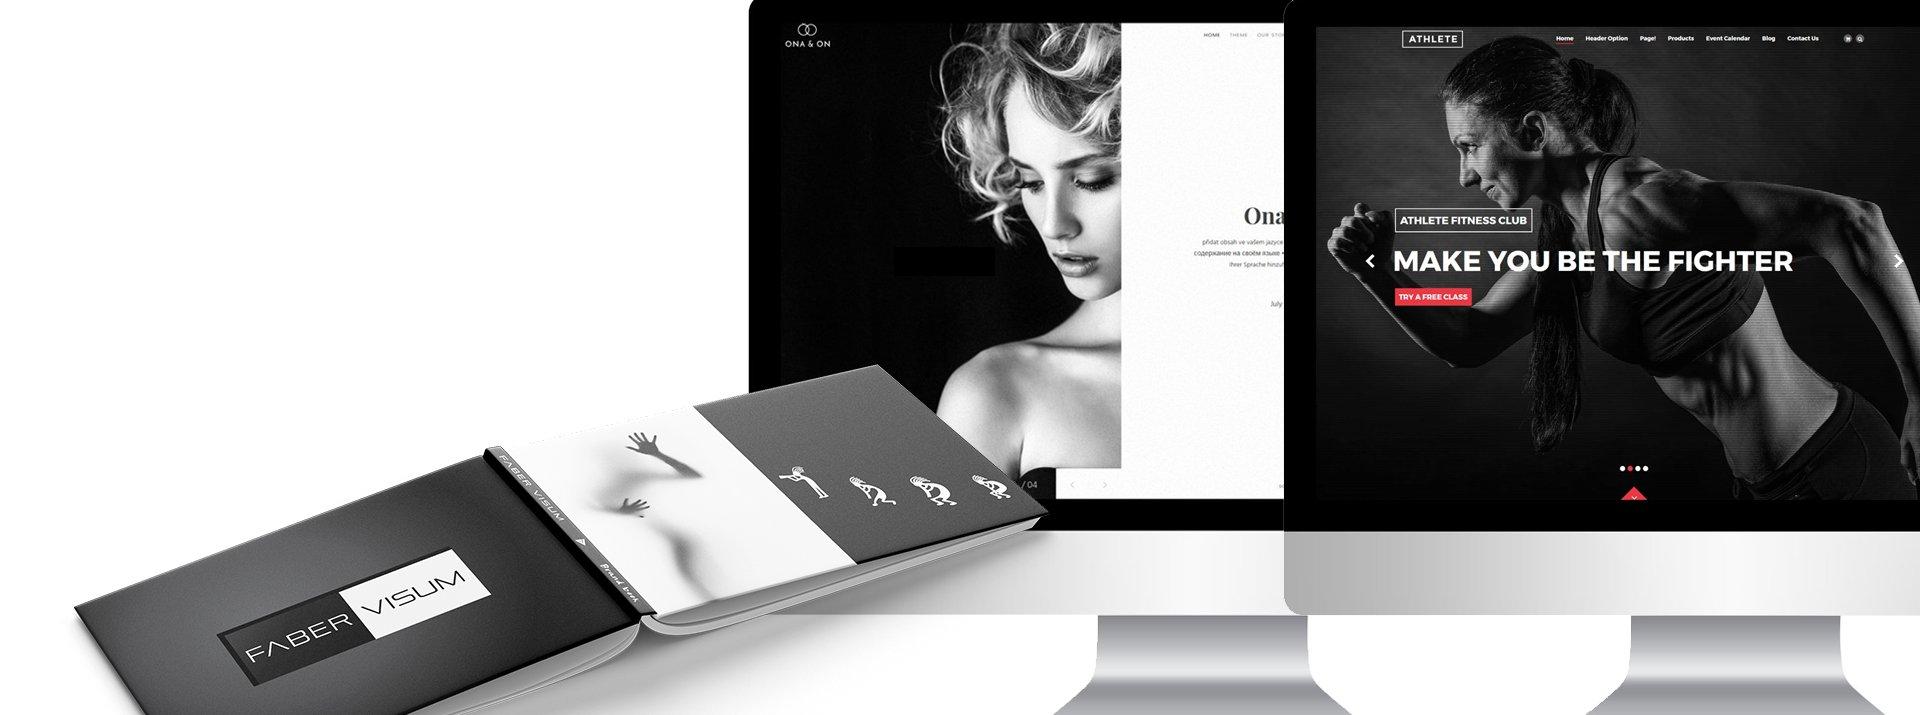 tvorba-webovych-stranek-02.jpg